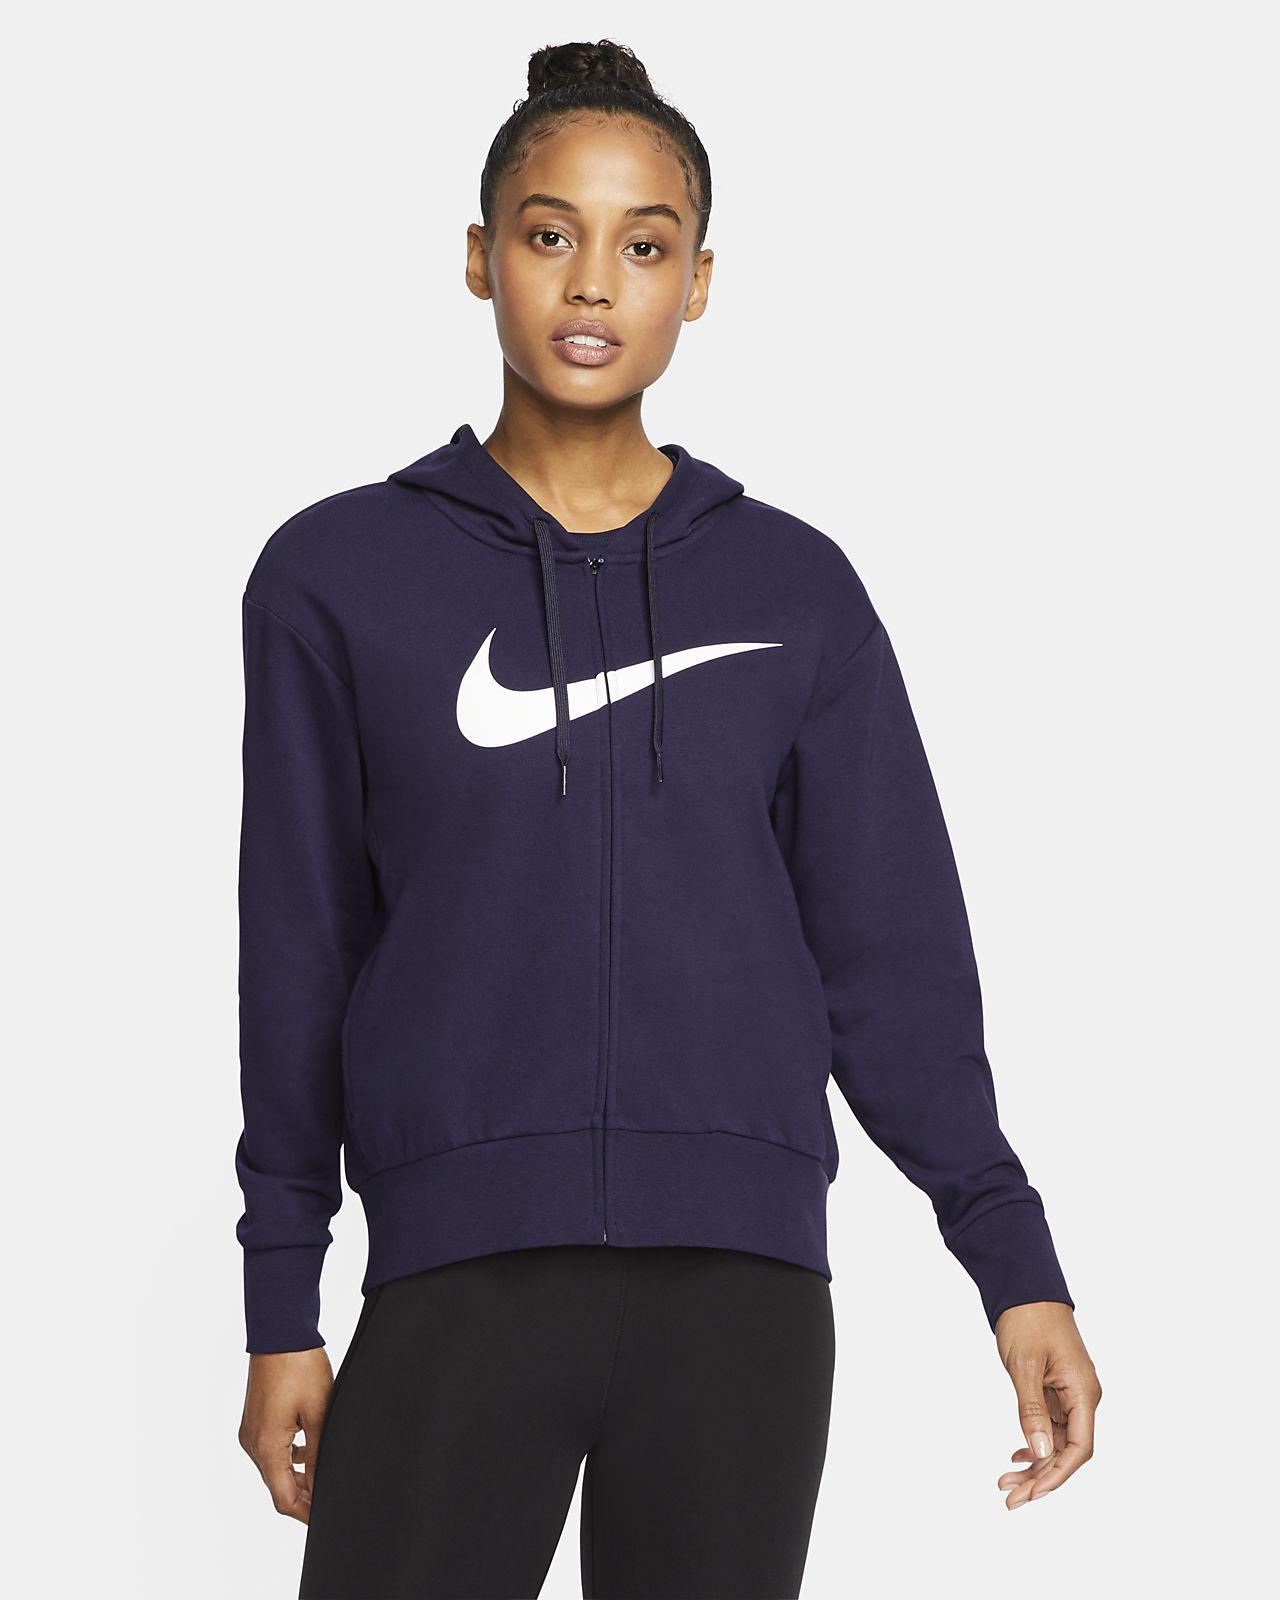 Nike Dri-FIT Get Fit Trainings-Hoodie mit durchgehendem Reißverschluss für Damen